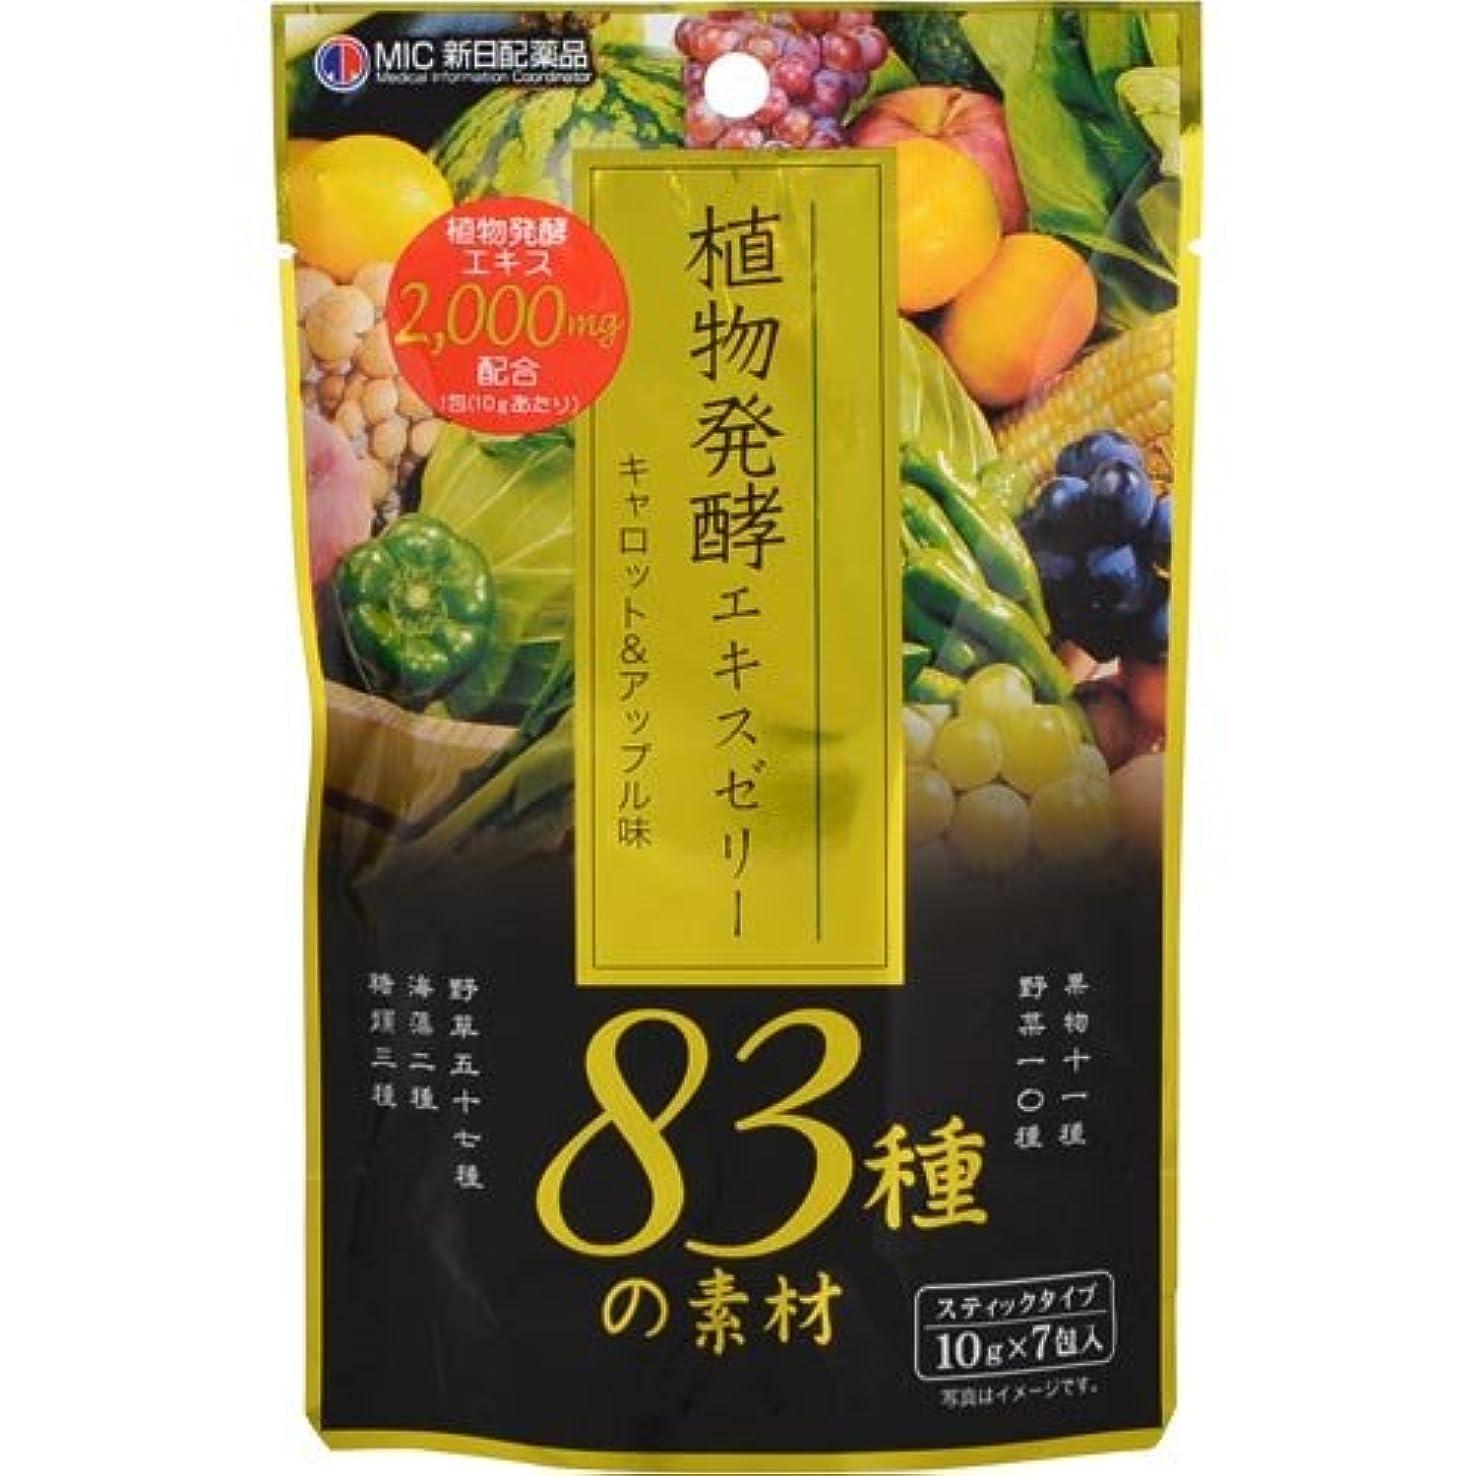 不愉快リクルートバイソン植物醗酵エキスゼリー キャロット&アップル味 10g×7包